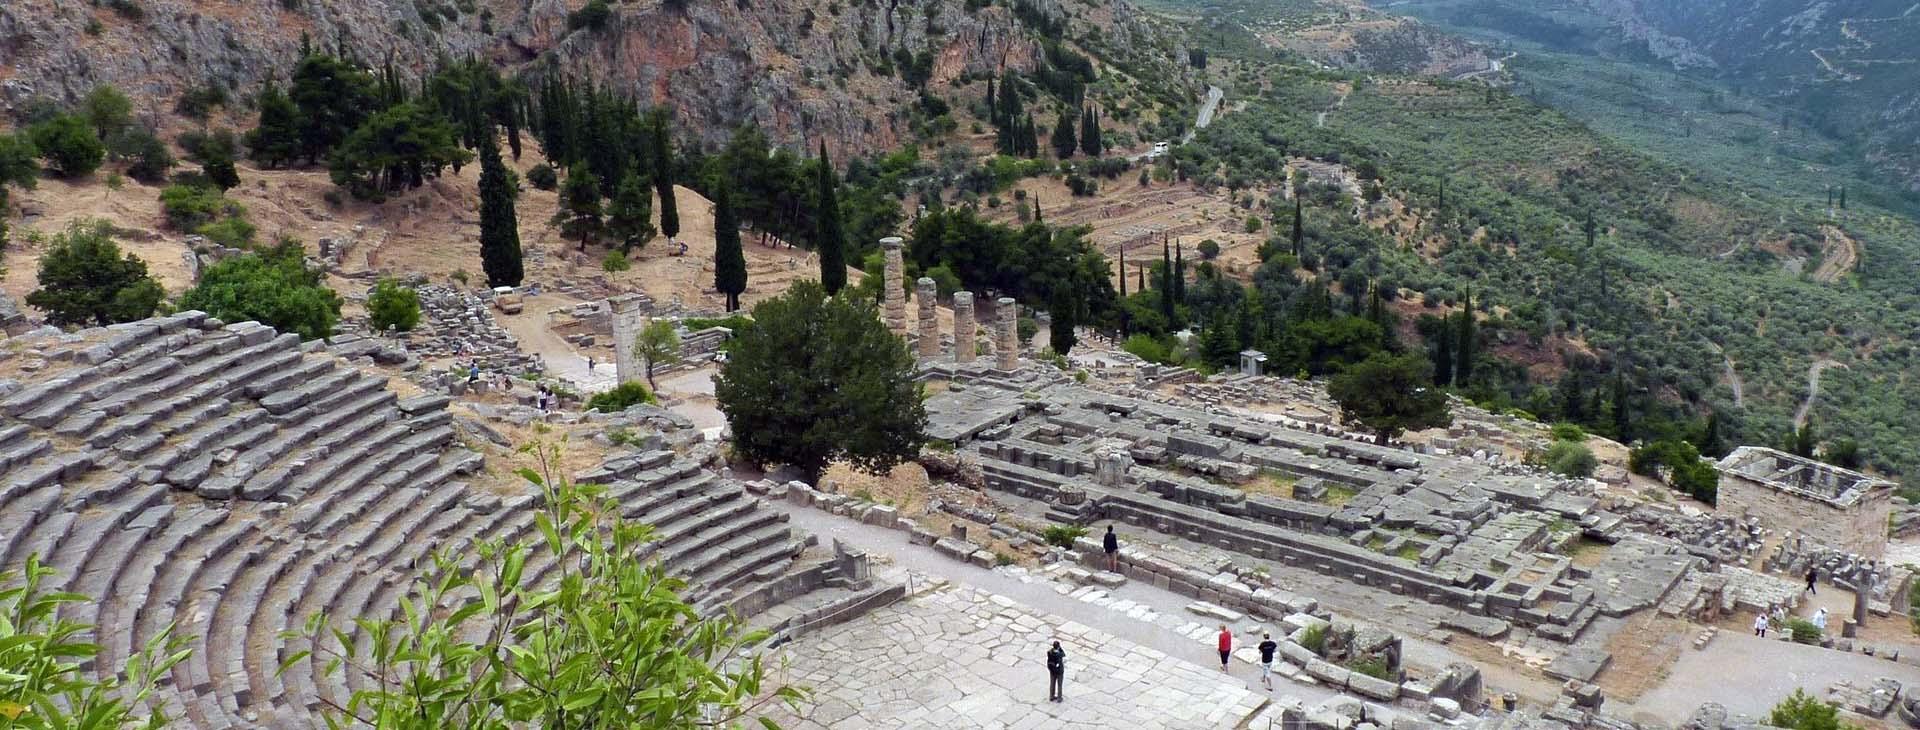 Delphi - Ancient Theatre & Apollo Temple, Fokis